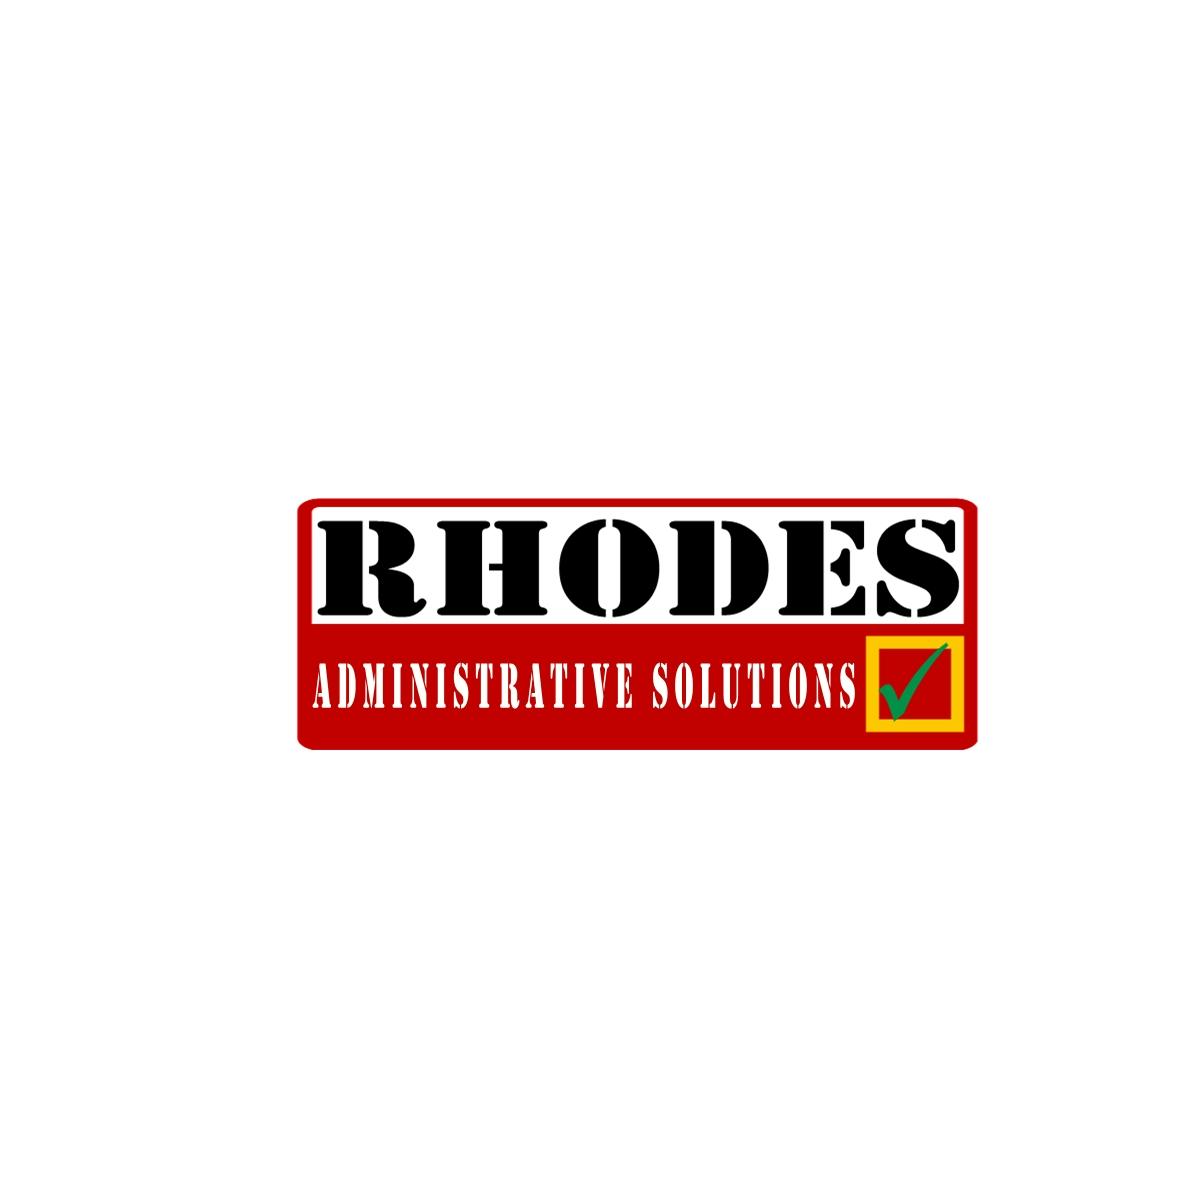 Logo Design by Joseph calunsag Cagaanan - Entry No. 58 in the Logo Design Contest Rhodes Administrative Solutions.